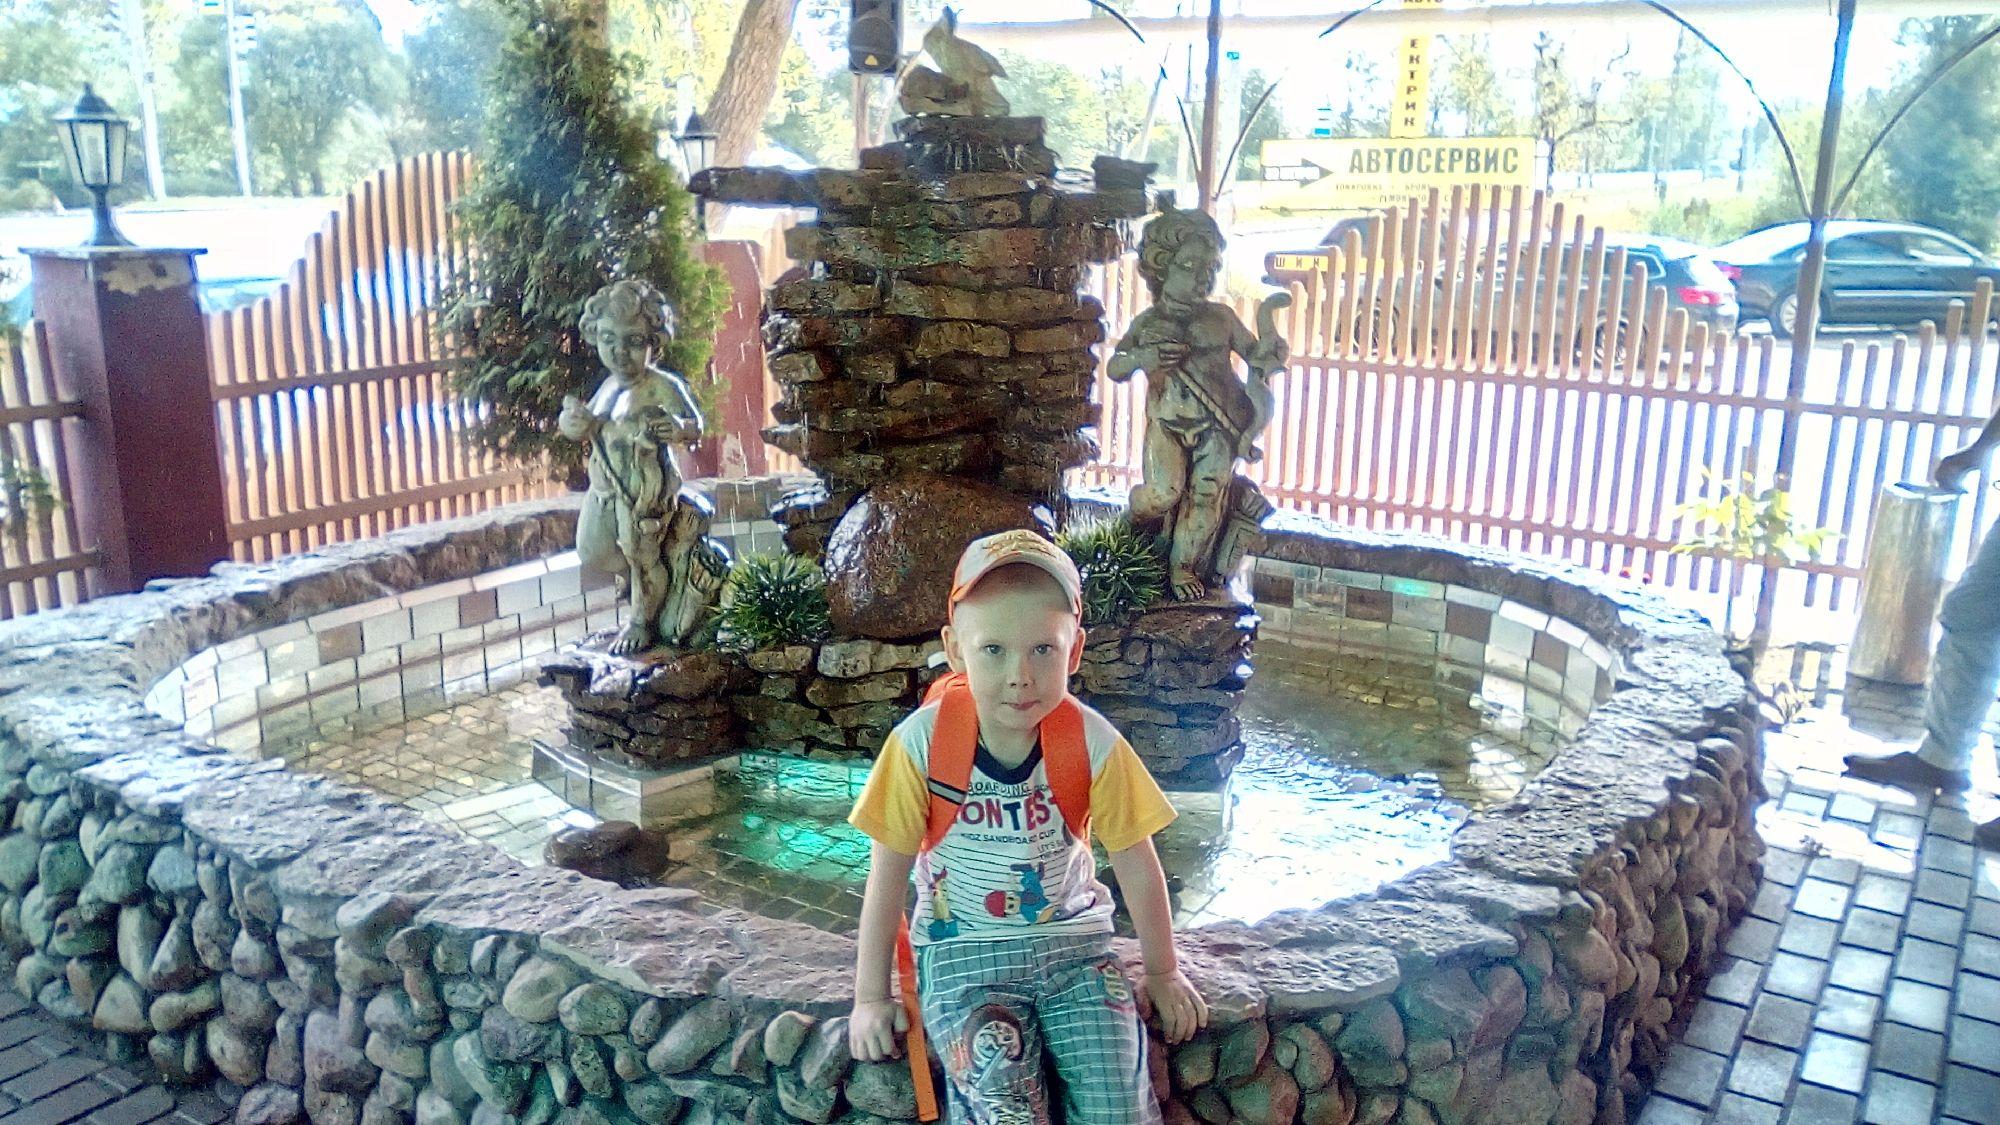 На территории гостевого дома мини-пруд открытый аквариум с рыбками!